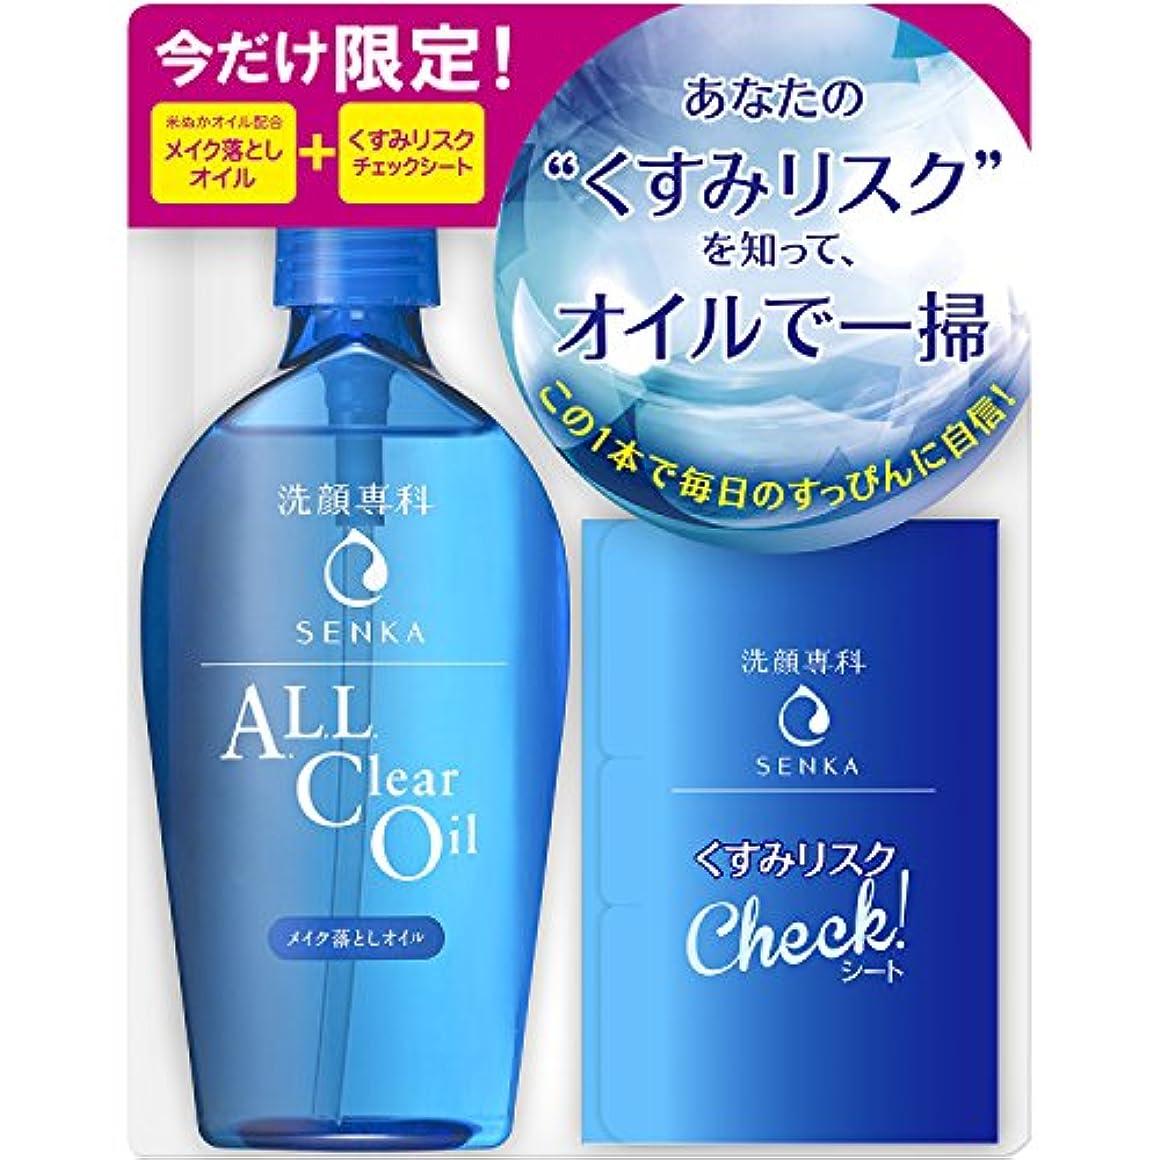 学期暗黙提供洗顔専科 オールクリアオイル くすみチェックシート付き